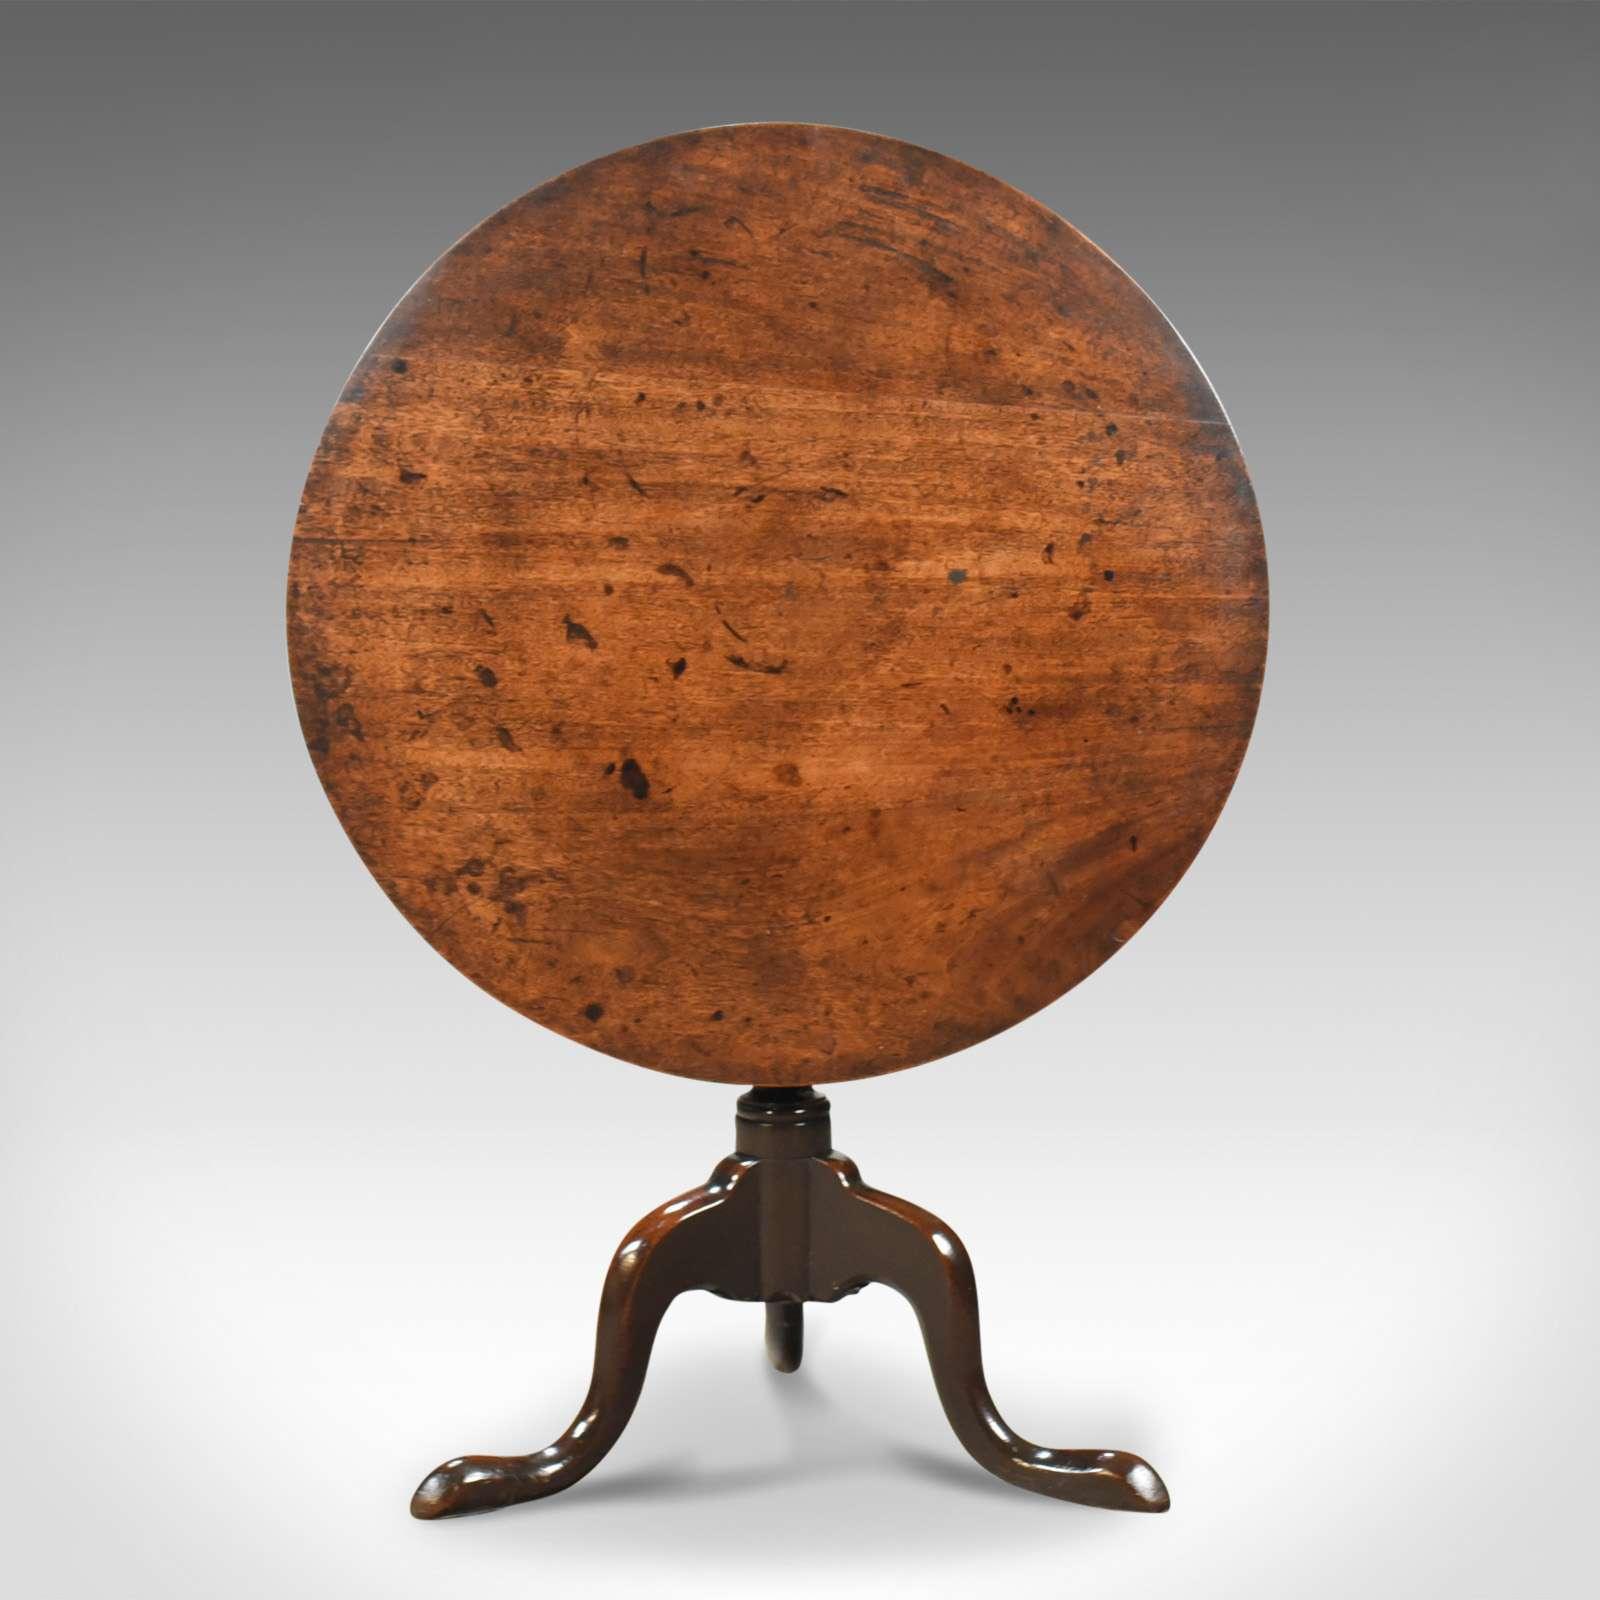 Antique Tilt Top Table, Circular, Georgian, Mahogany, Side c.1780